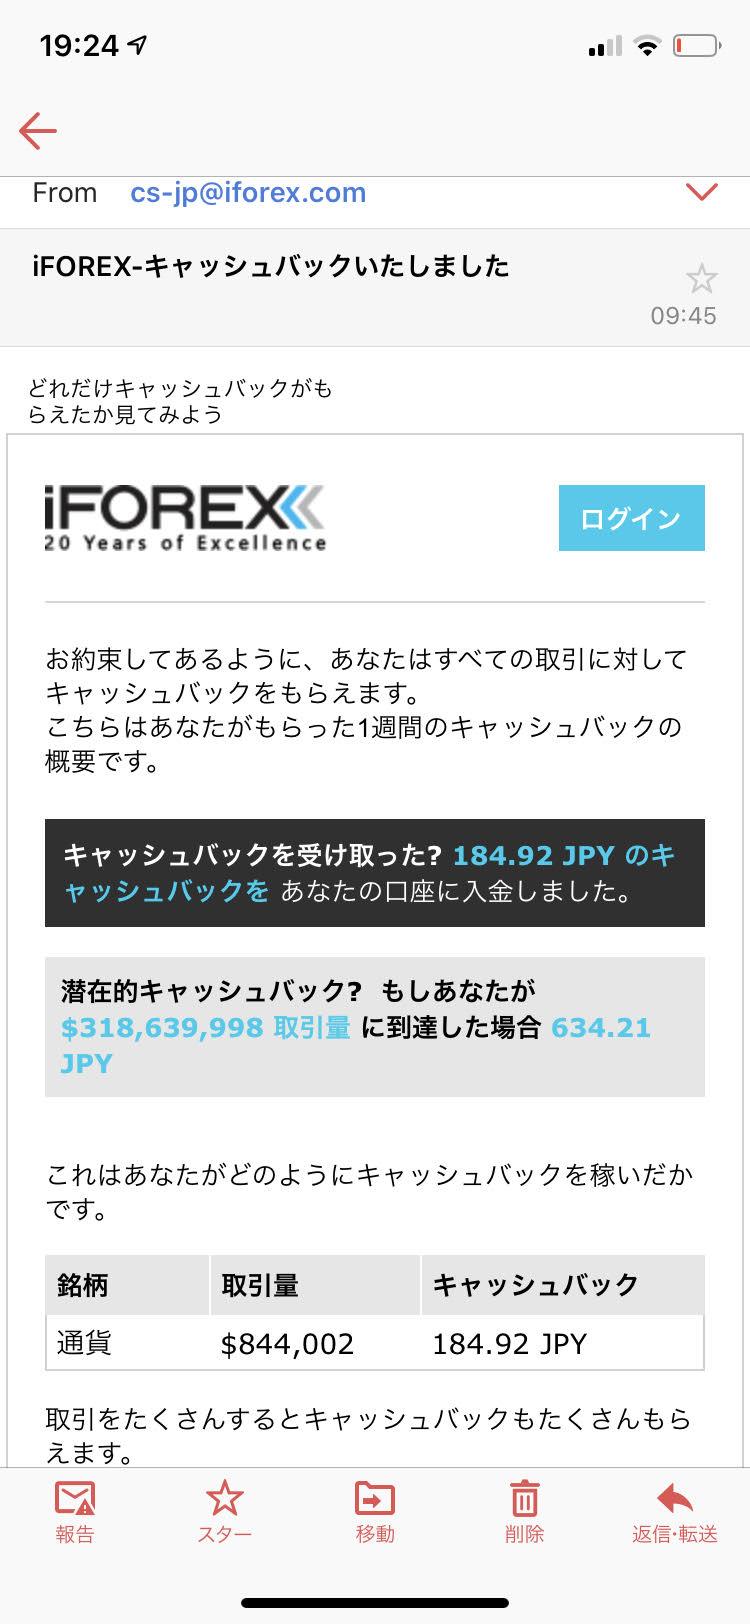 IFOREXのキャッシュバック